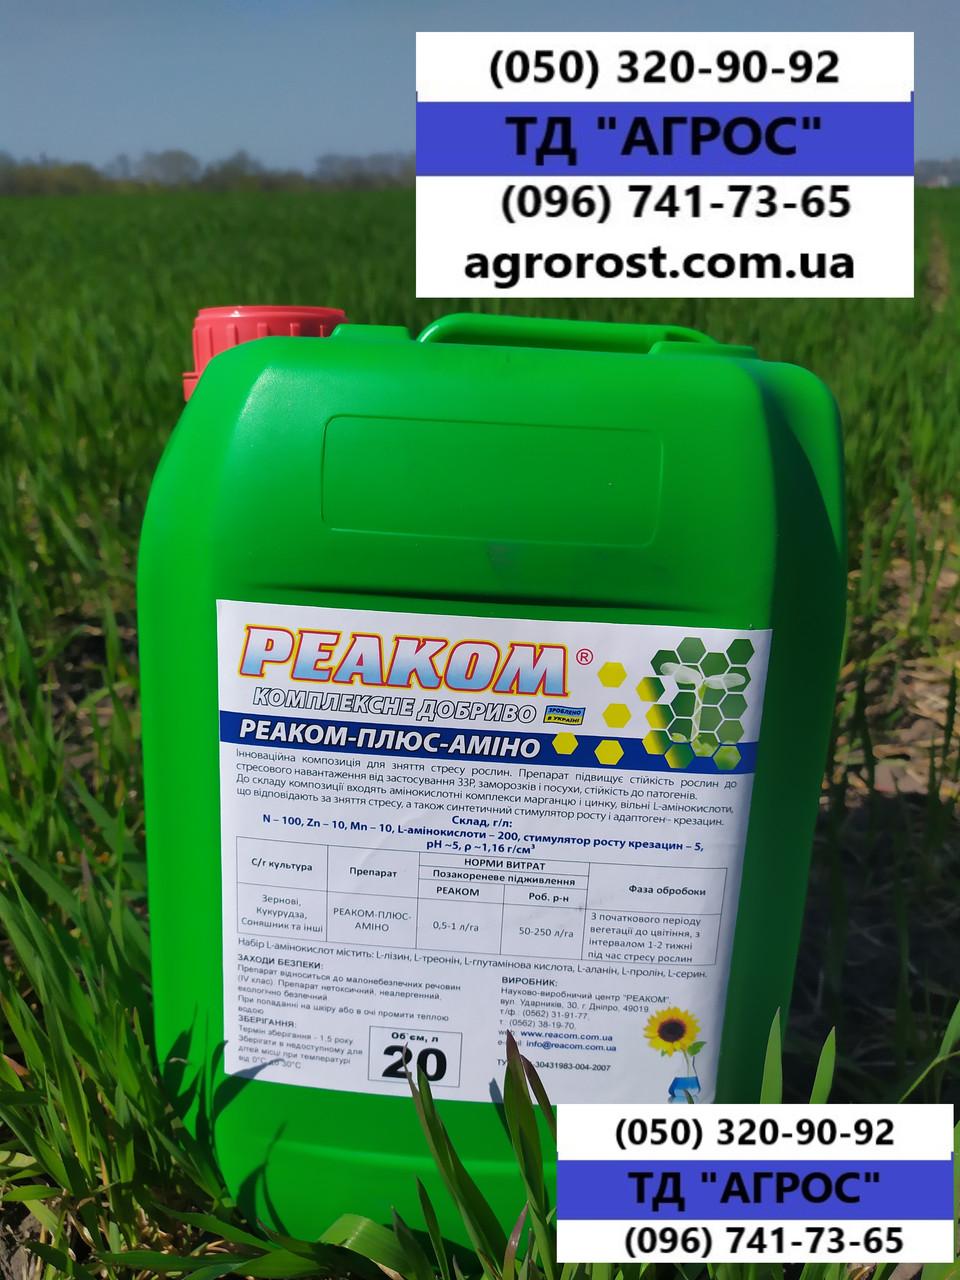 Стимулятор роста на Пшеницу Ячмень Реаком Плюс Амино. Снятие стресса с растения 0,5-1,0 л/га L-Аминокислотами.